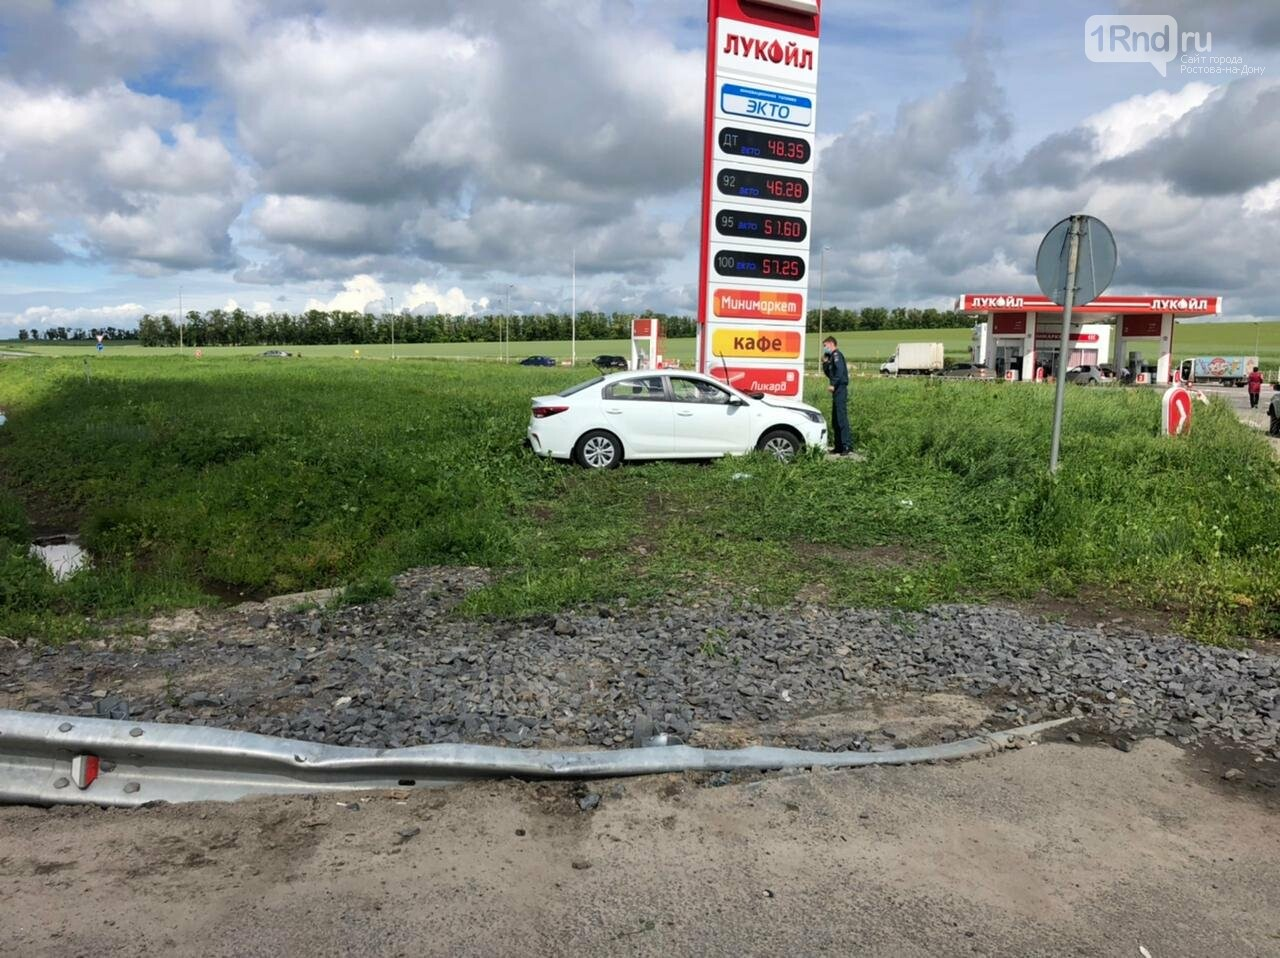 Четыре девочки и женщина пострадали в ДТП на трассе Ростов - Таганрог, Фото ГИБДД РО